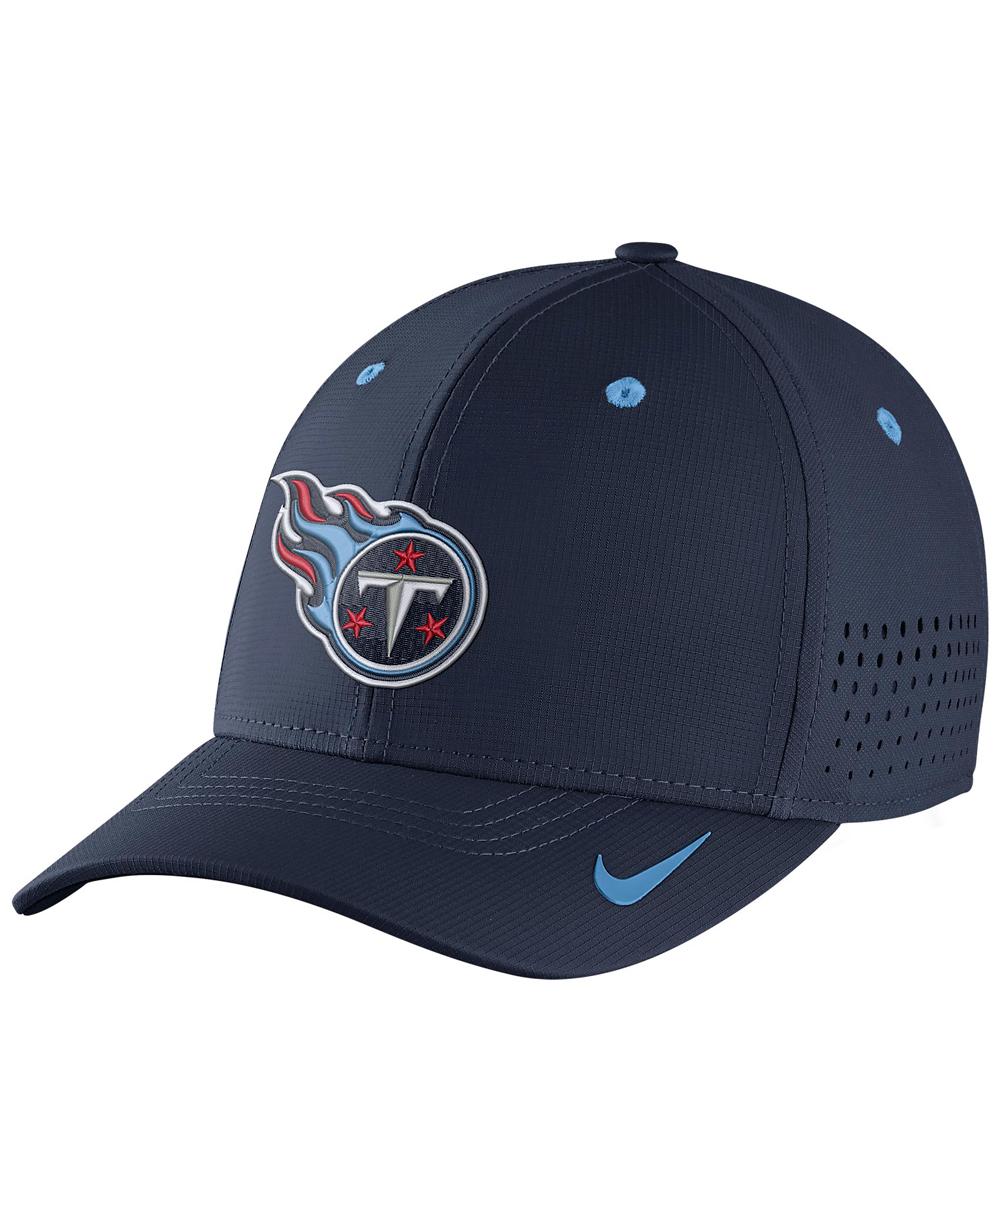 Legacy Vapor Swoosh Flex Cappellino Uomo NFL Titans